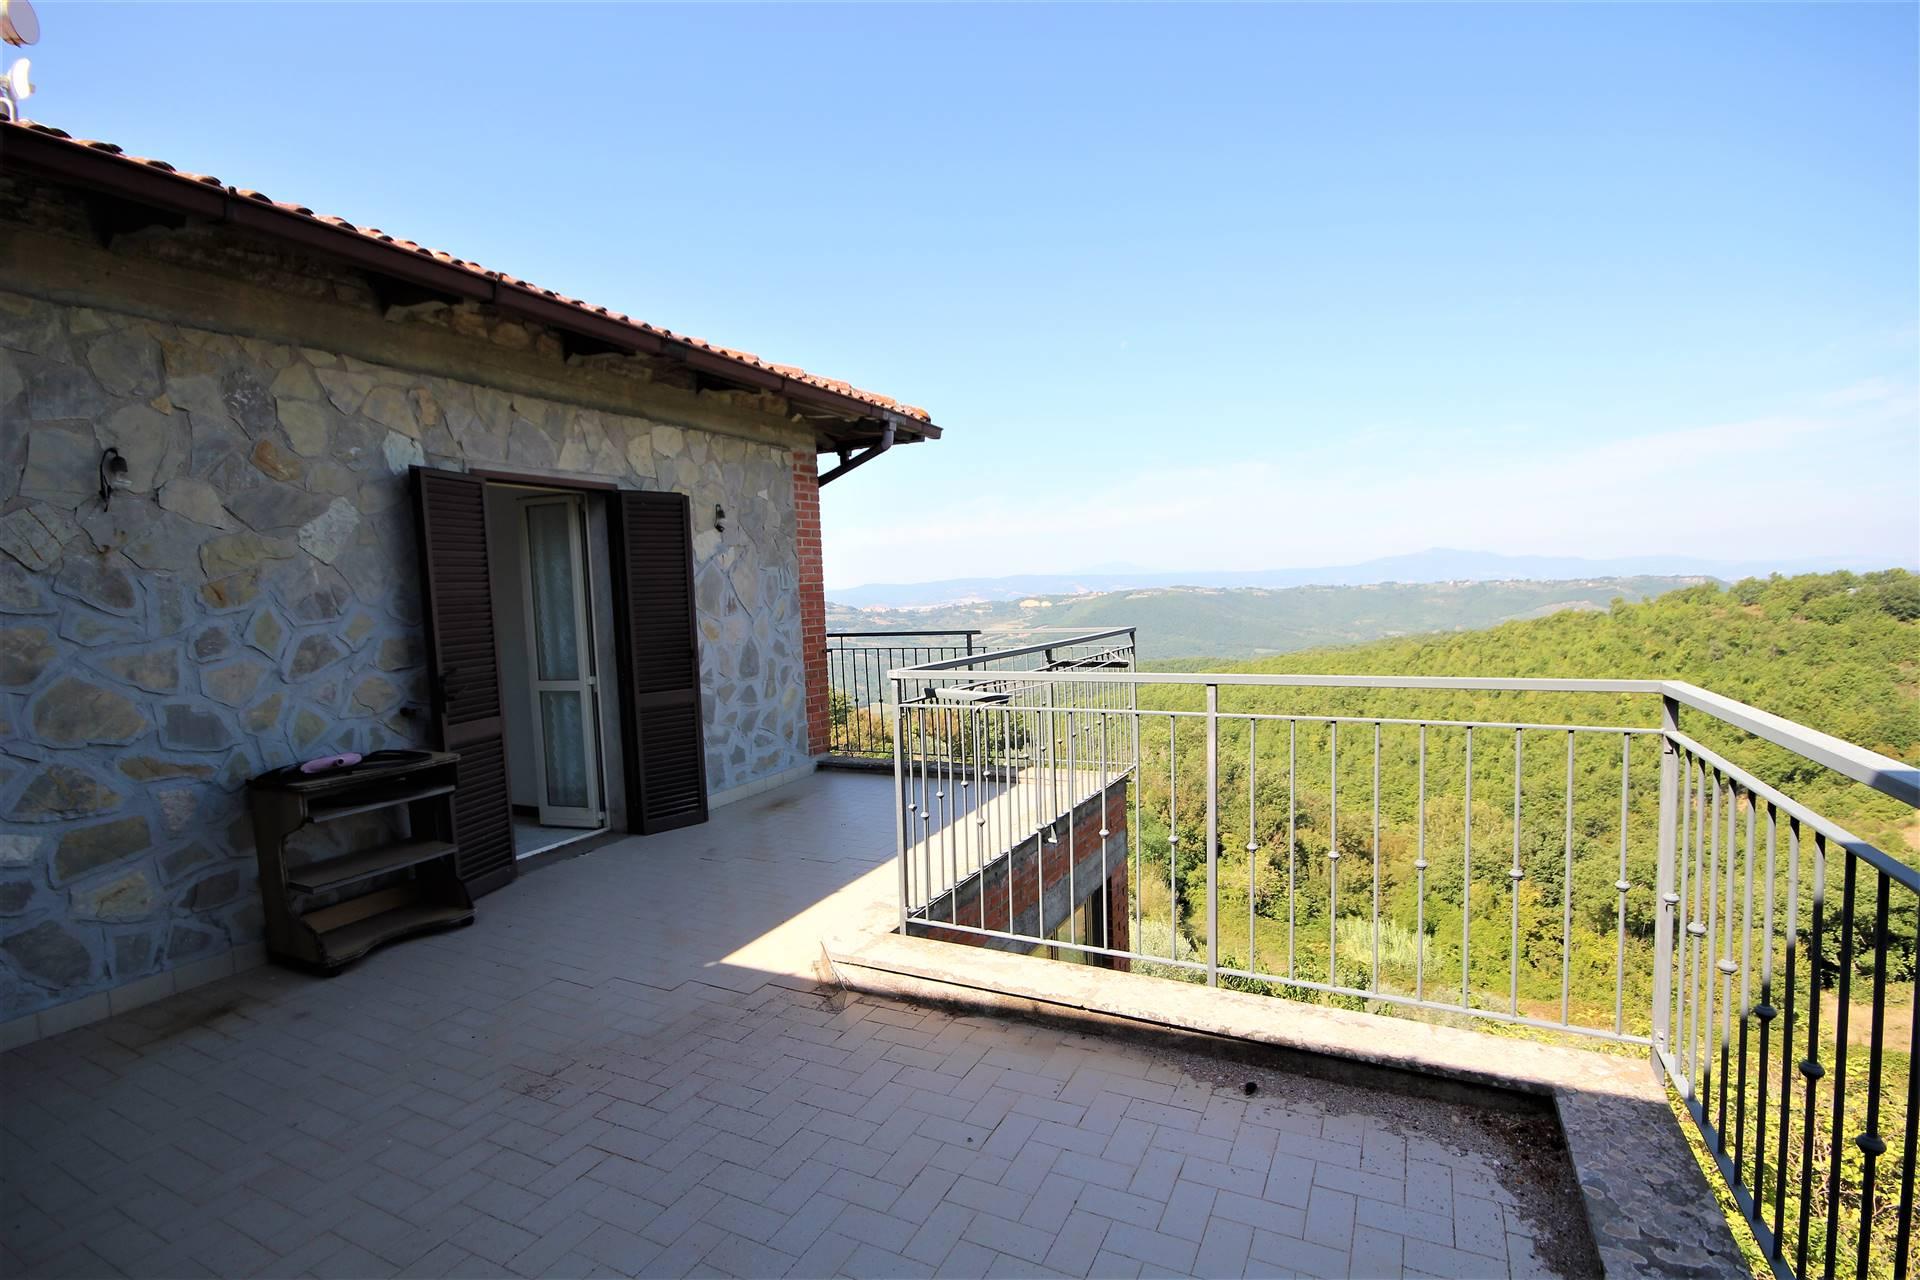 Appartamento in vendita a Parrano, 7 locali, zona one, prezzo € 150.000   PortaleAgenzieImmobiliari.it